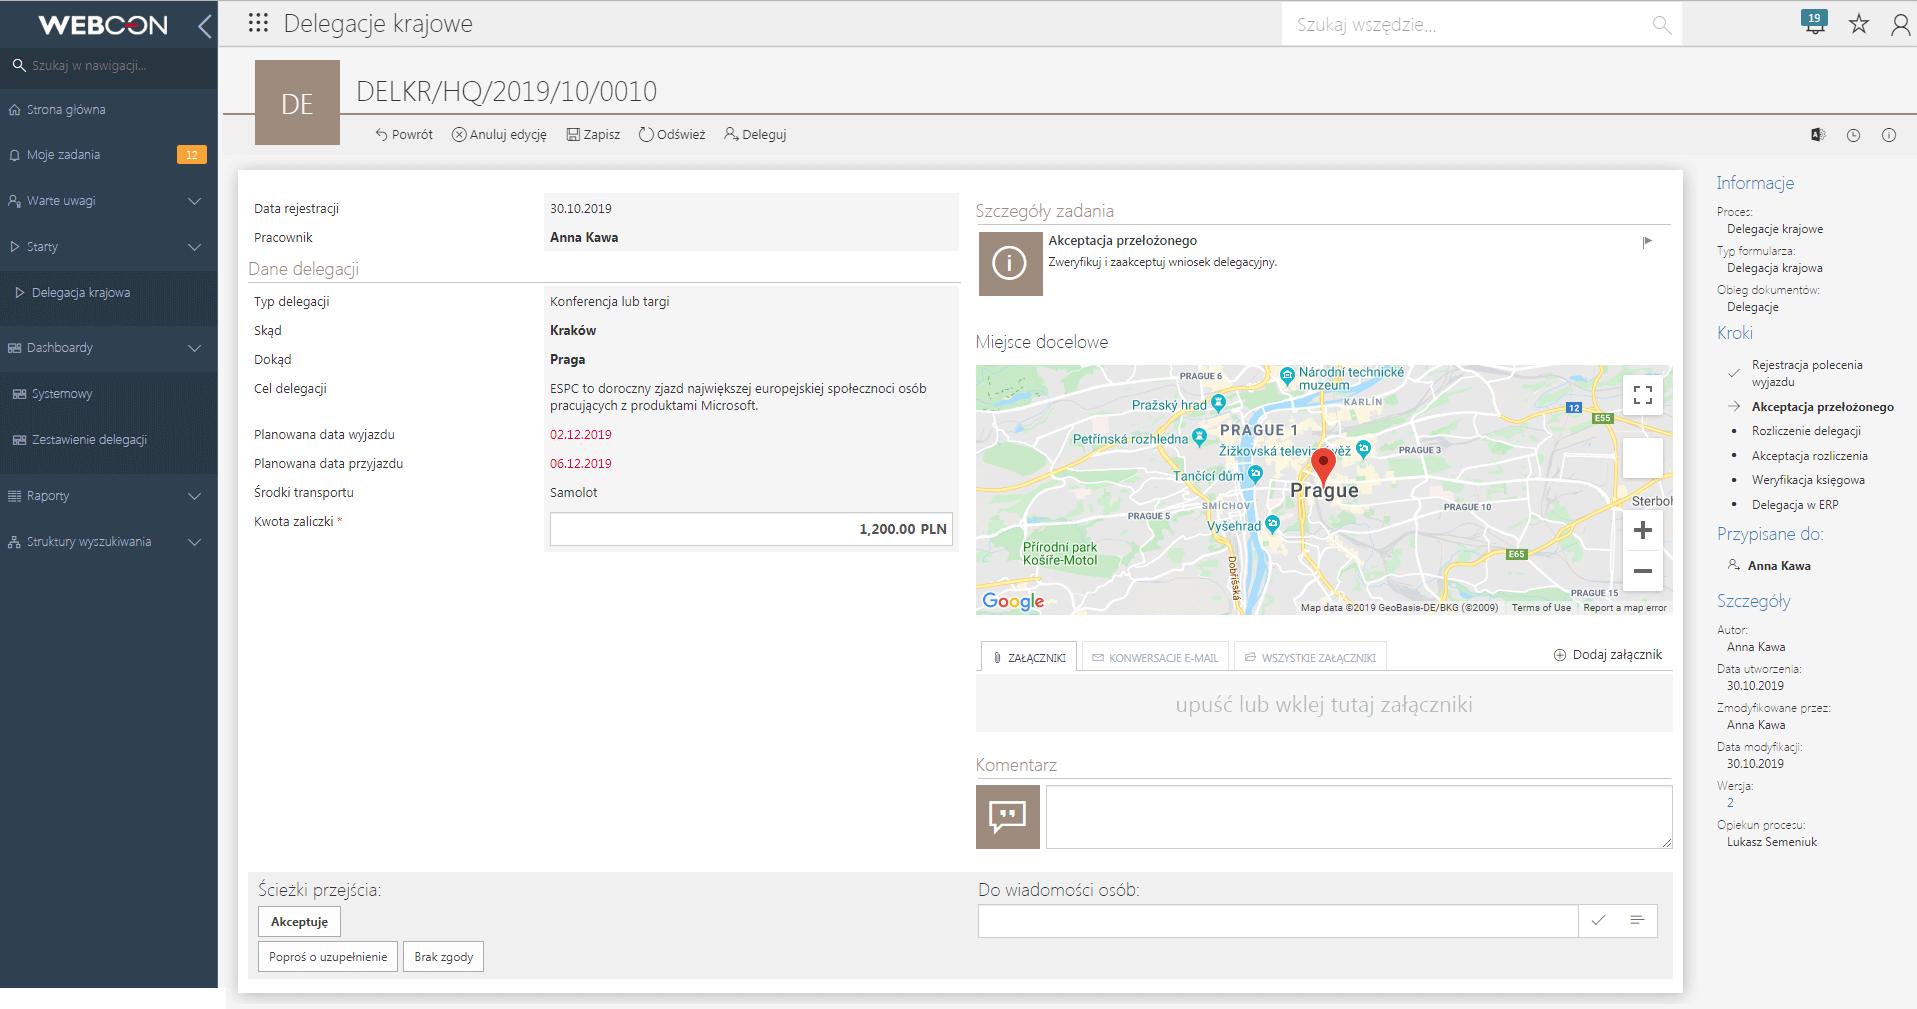 Mapa w obiegu delegacji w WEBCON BPS